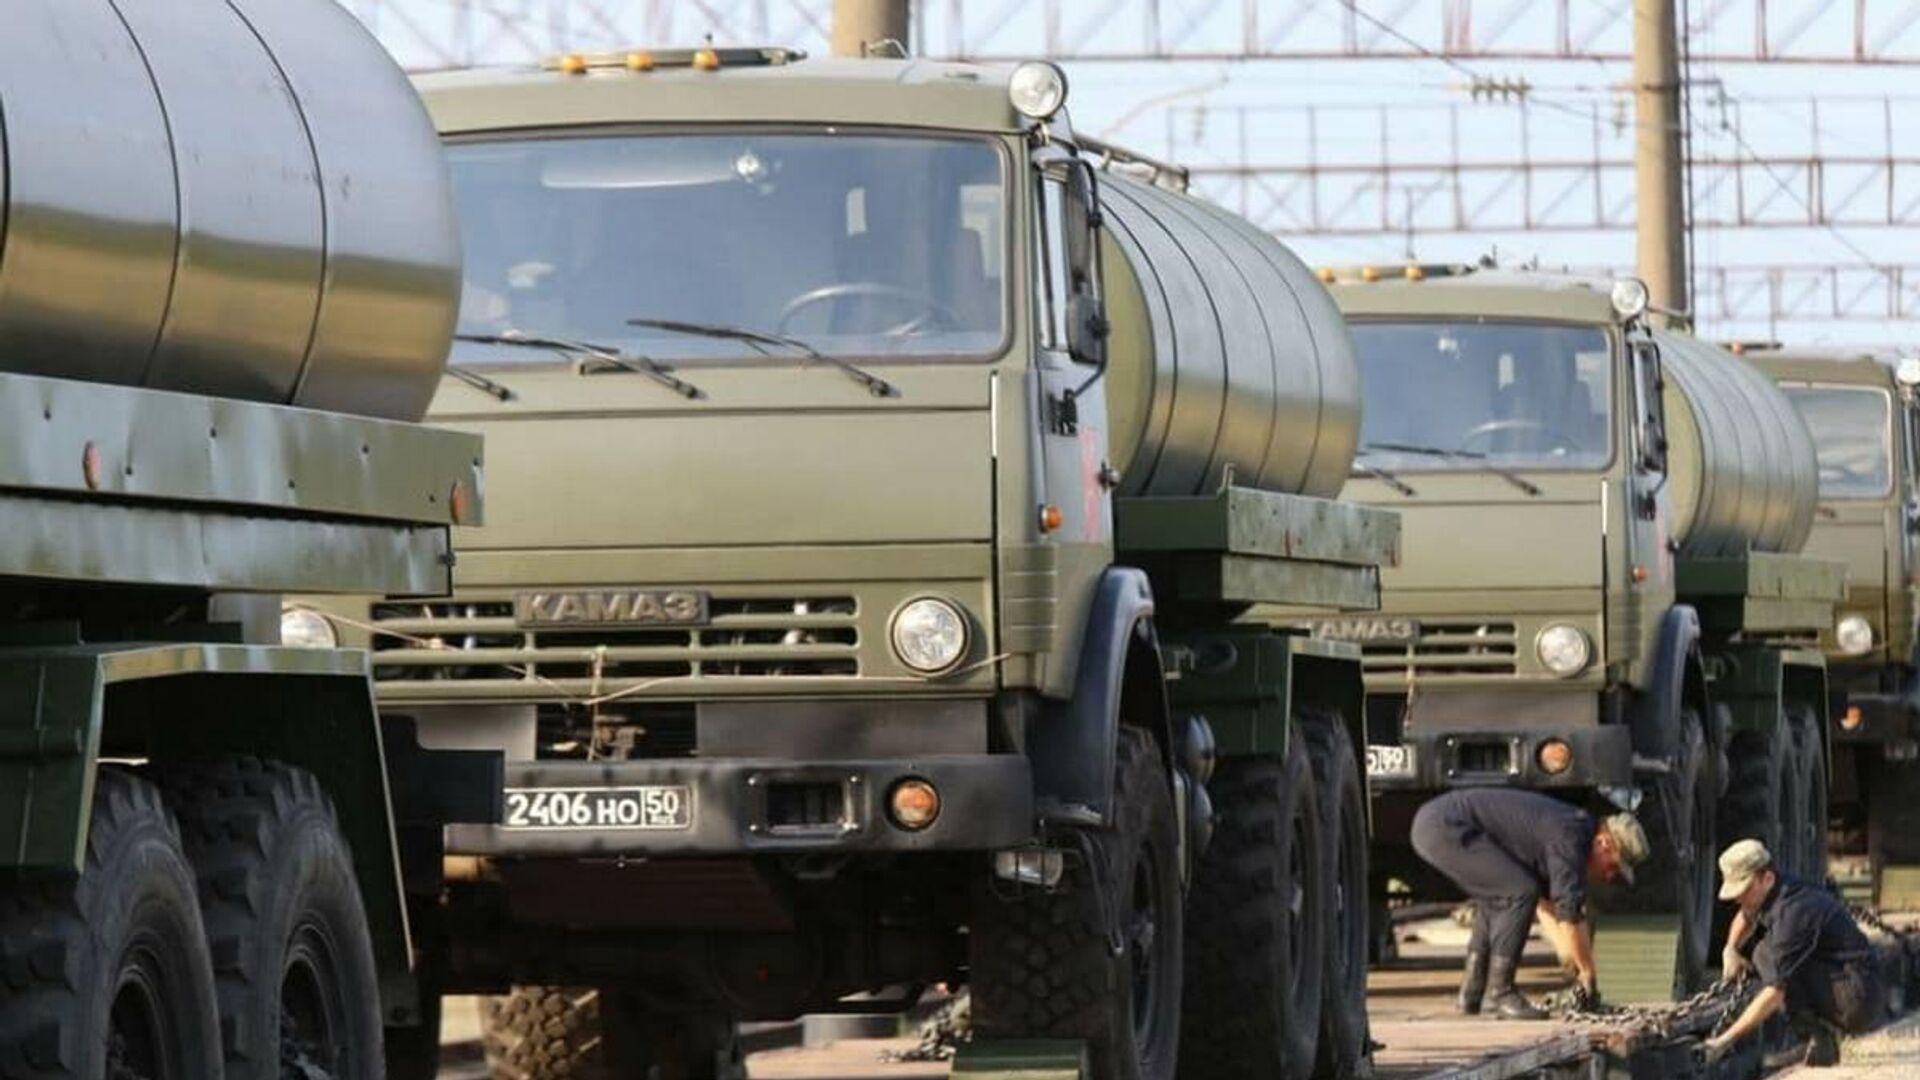 В Беларусь продолжают прибывать эшелоны с военнослужащими Российской Федерации - Sputnik Беларусь, 1920, 23.07.2021